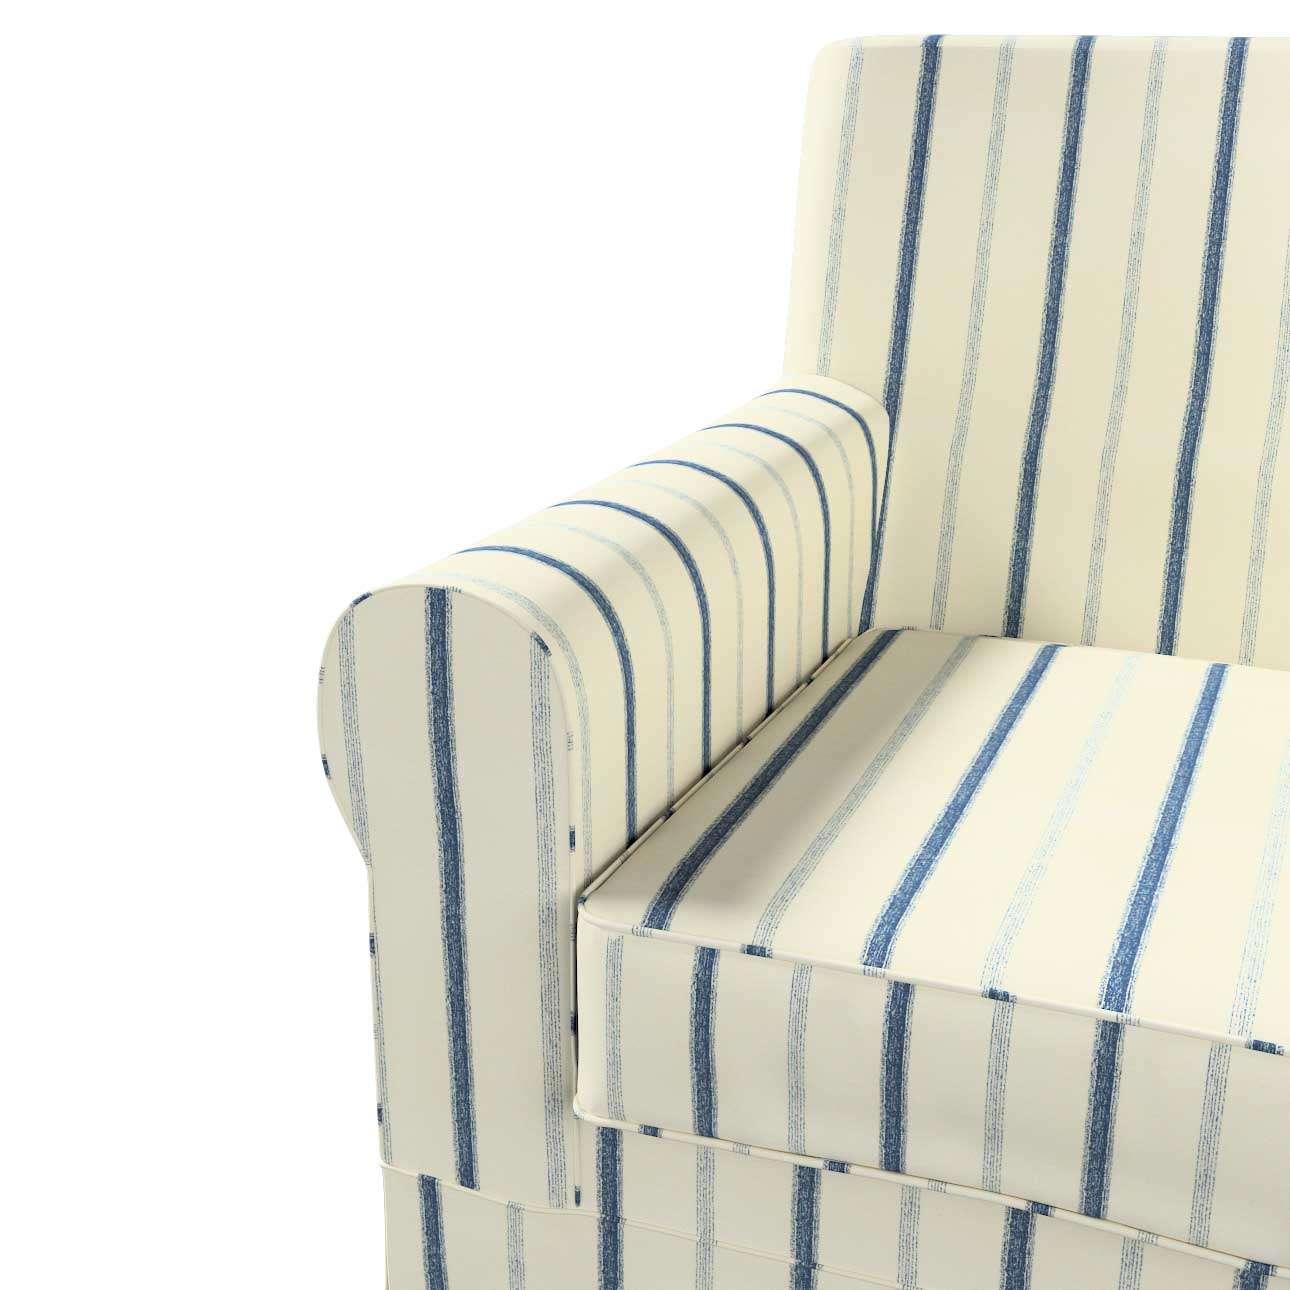 Pokrowiec na fotel Ektorp Jennylund w kolekcji Avinon, tkanina: 129-66